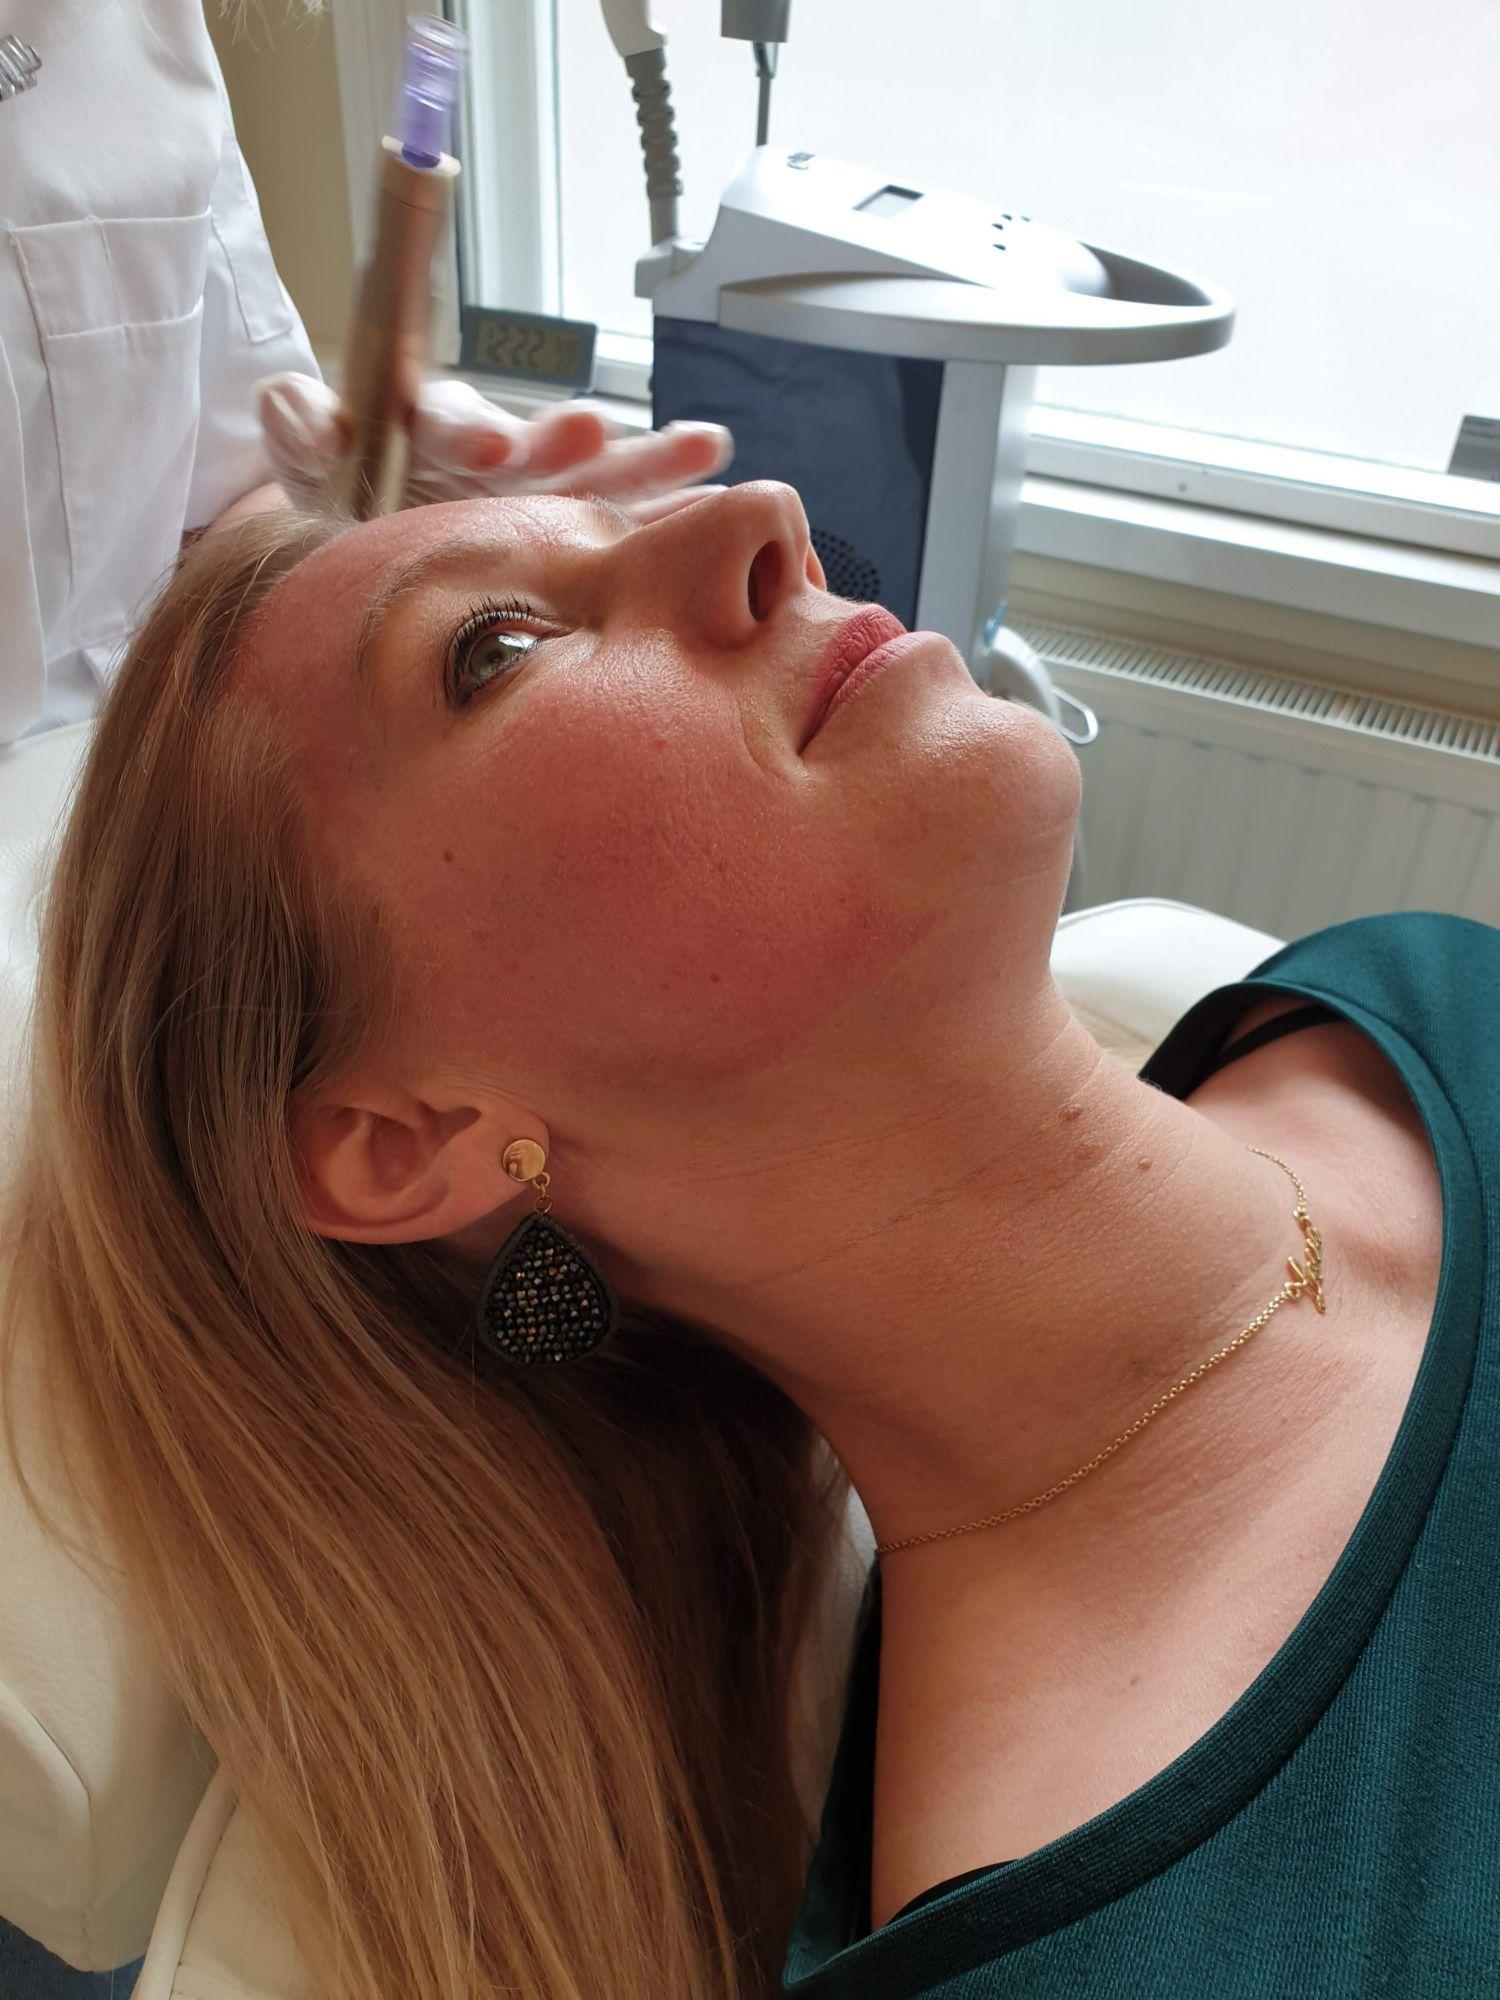 een kant van mijn gezicht direct na de behandeling